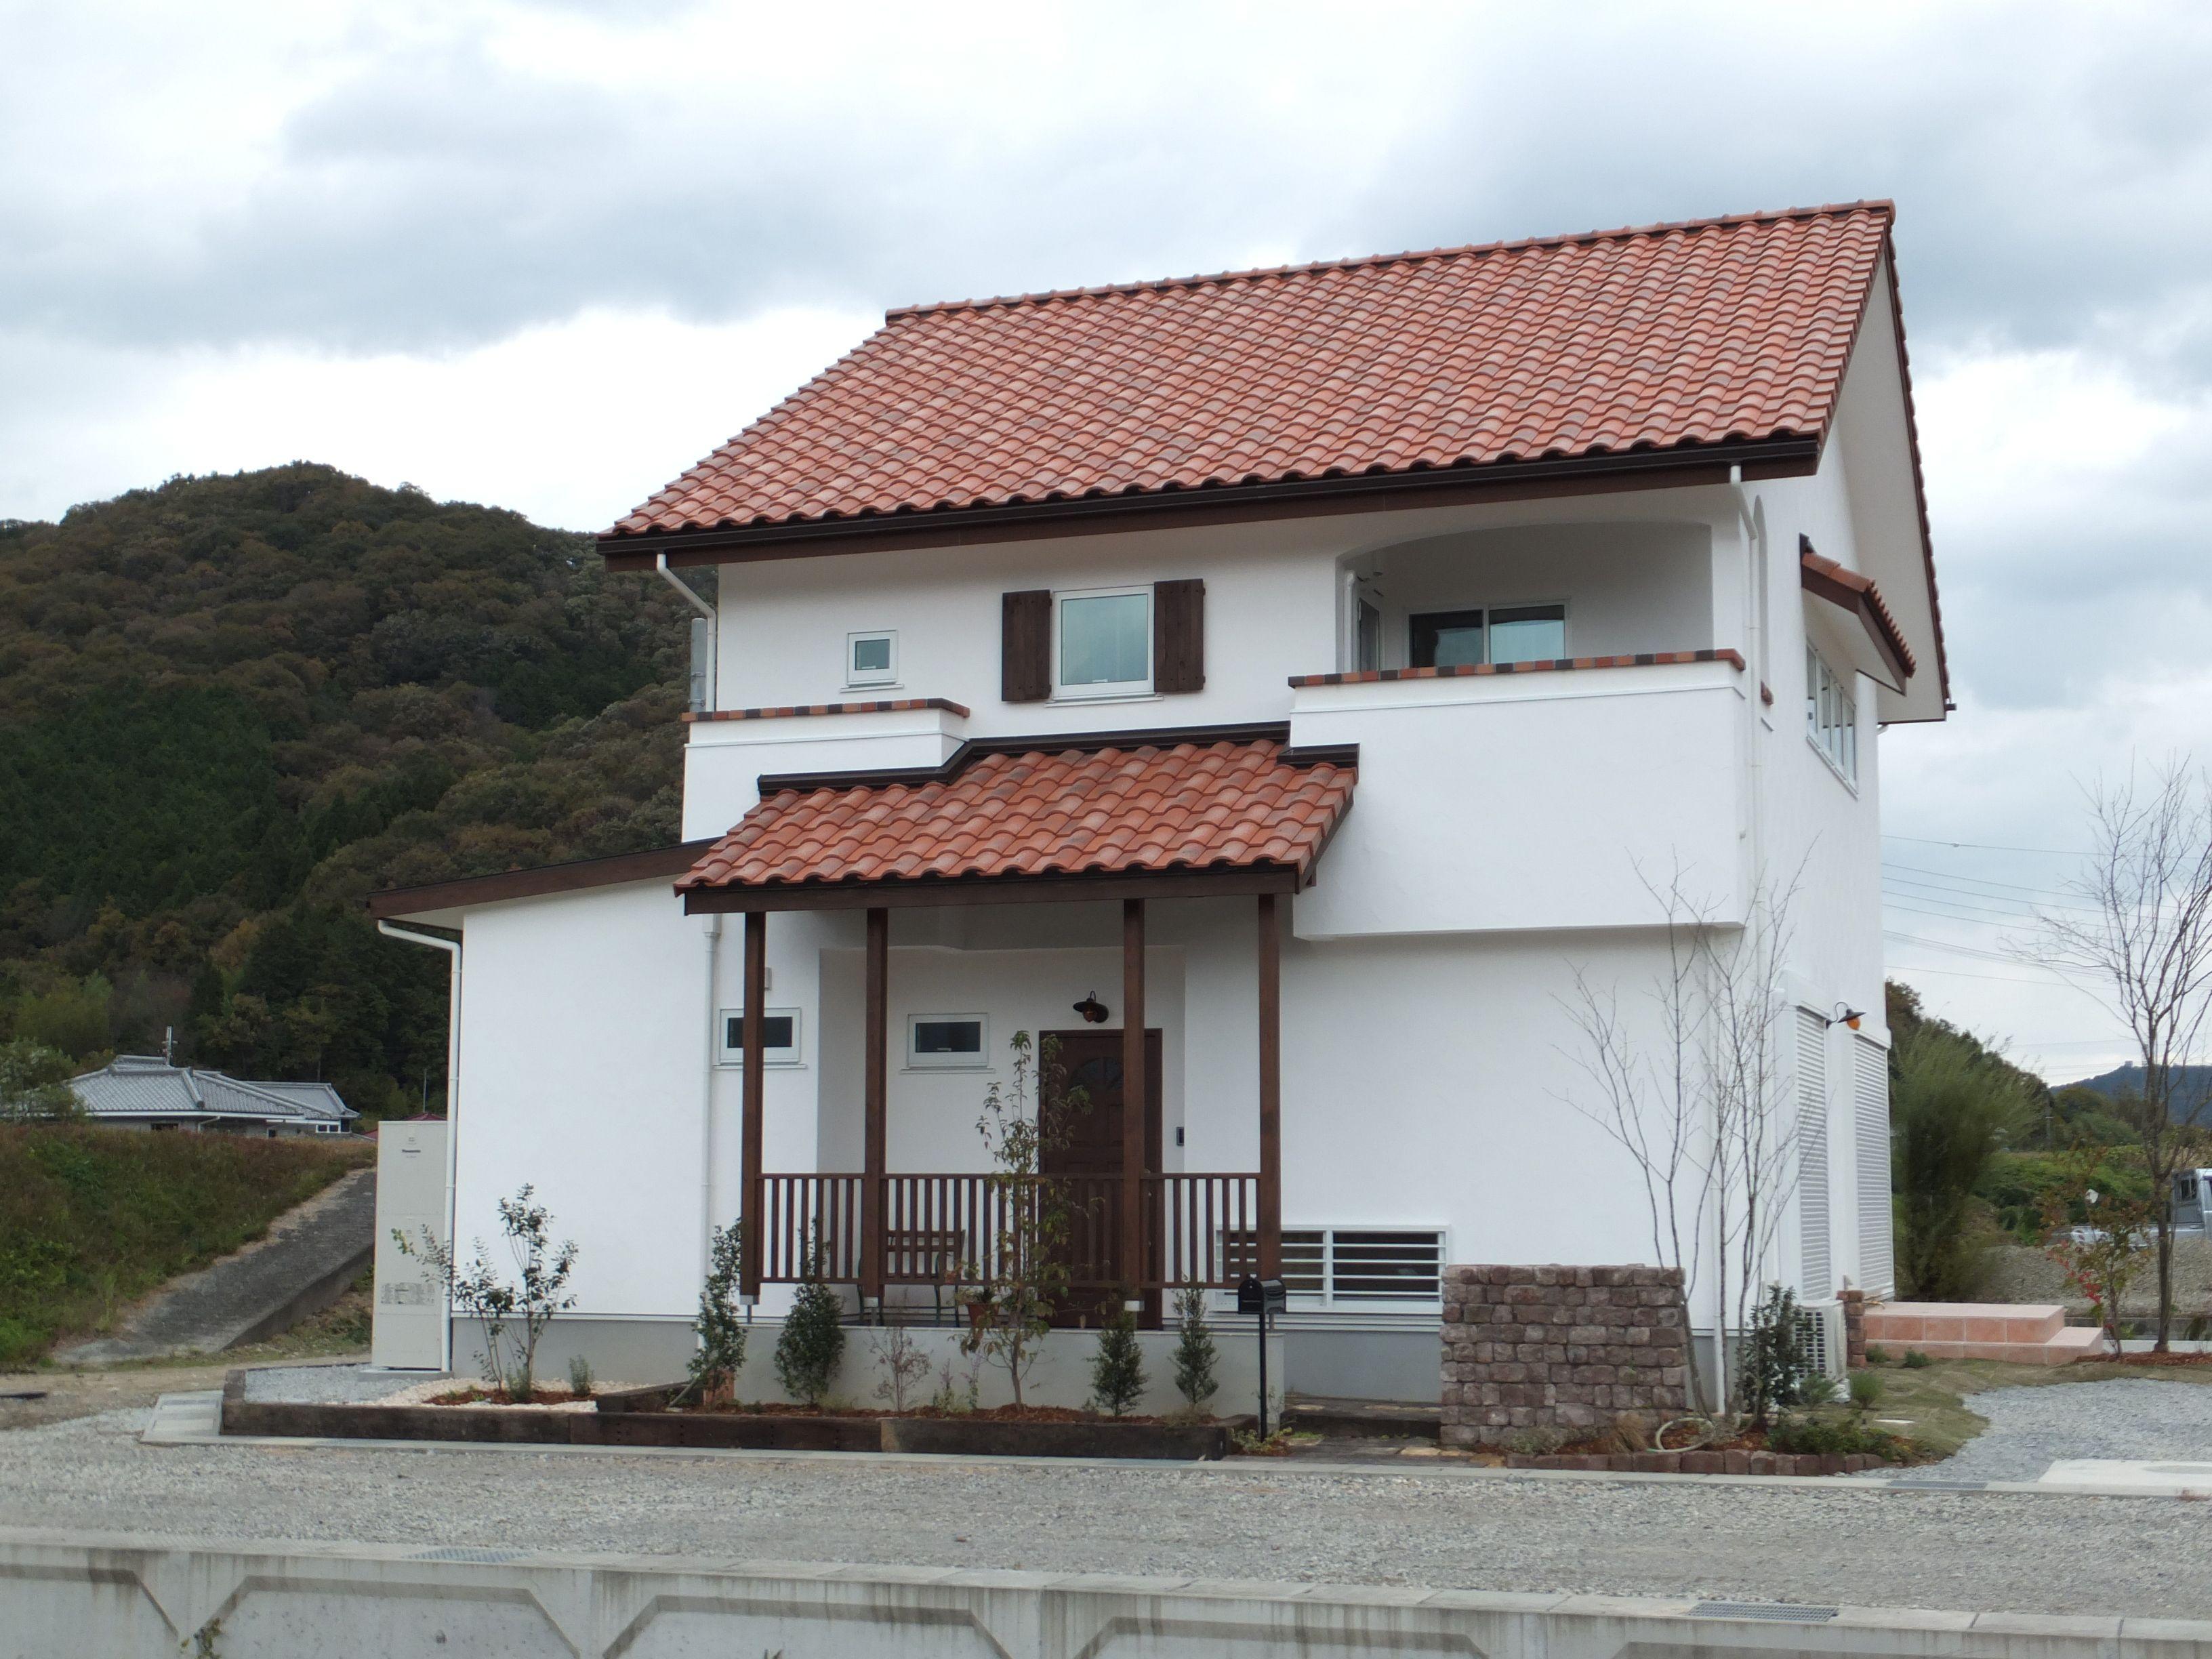 ケース98 赤い屋根 屋根 家 外観